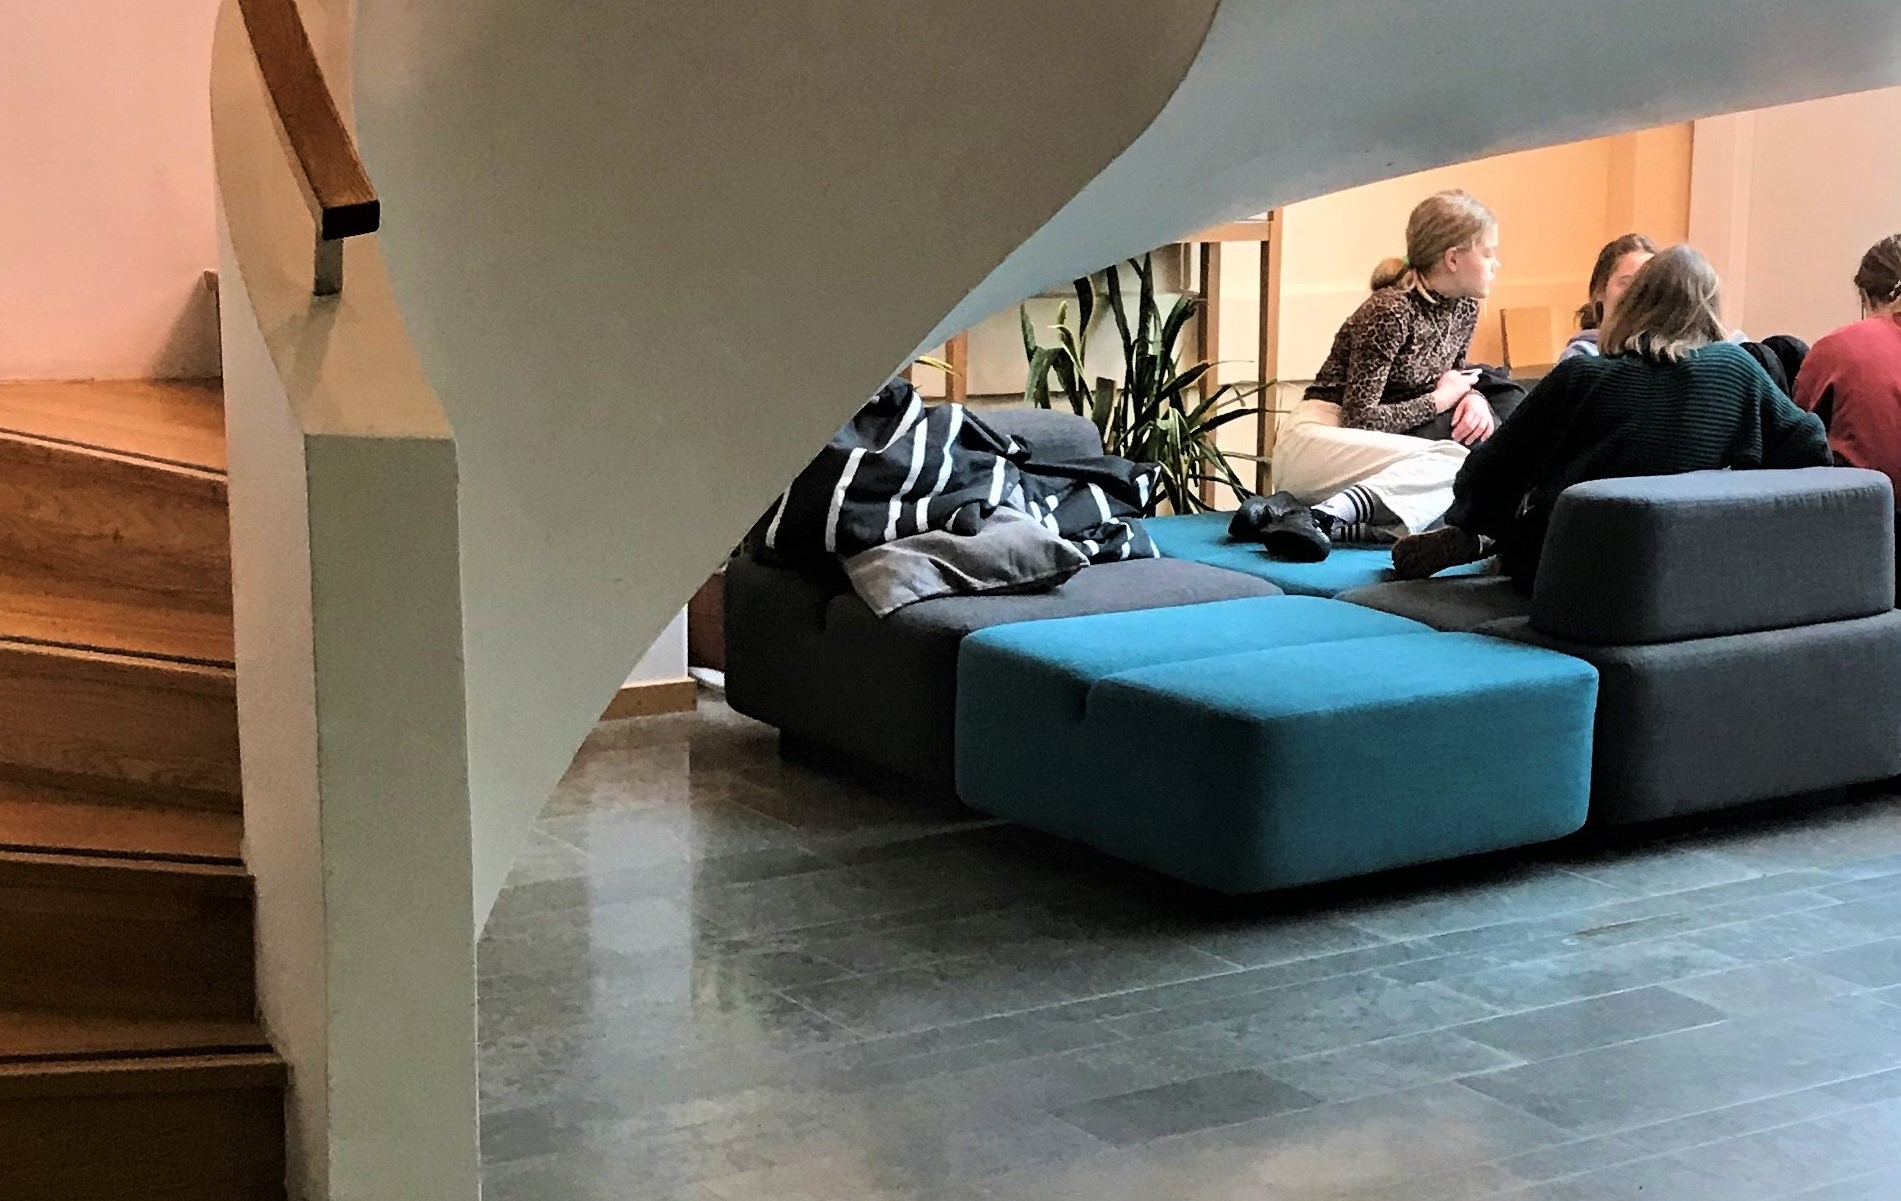 plaatje van Finlandreis 'Eigenaarschap van leren' voor onbepaalde tijd uitgesteld